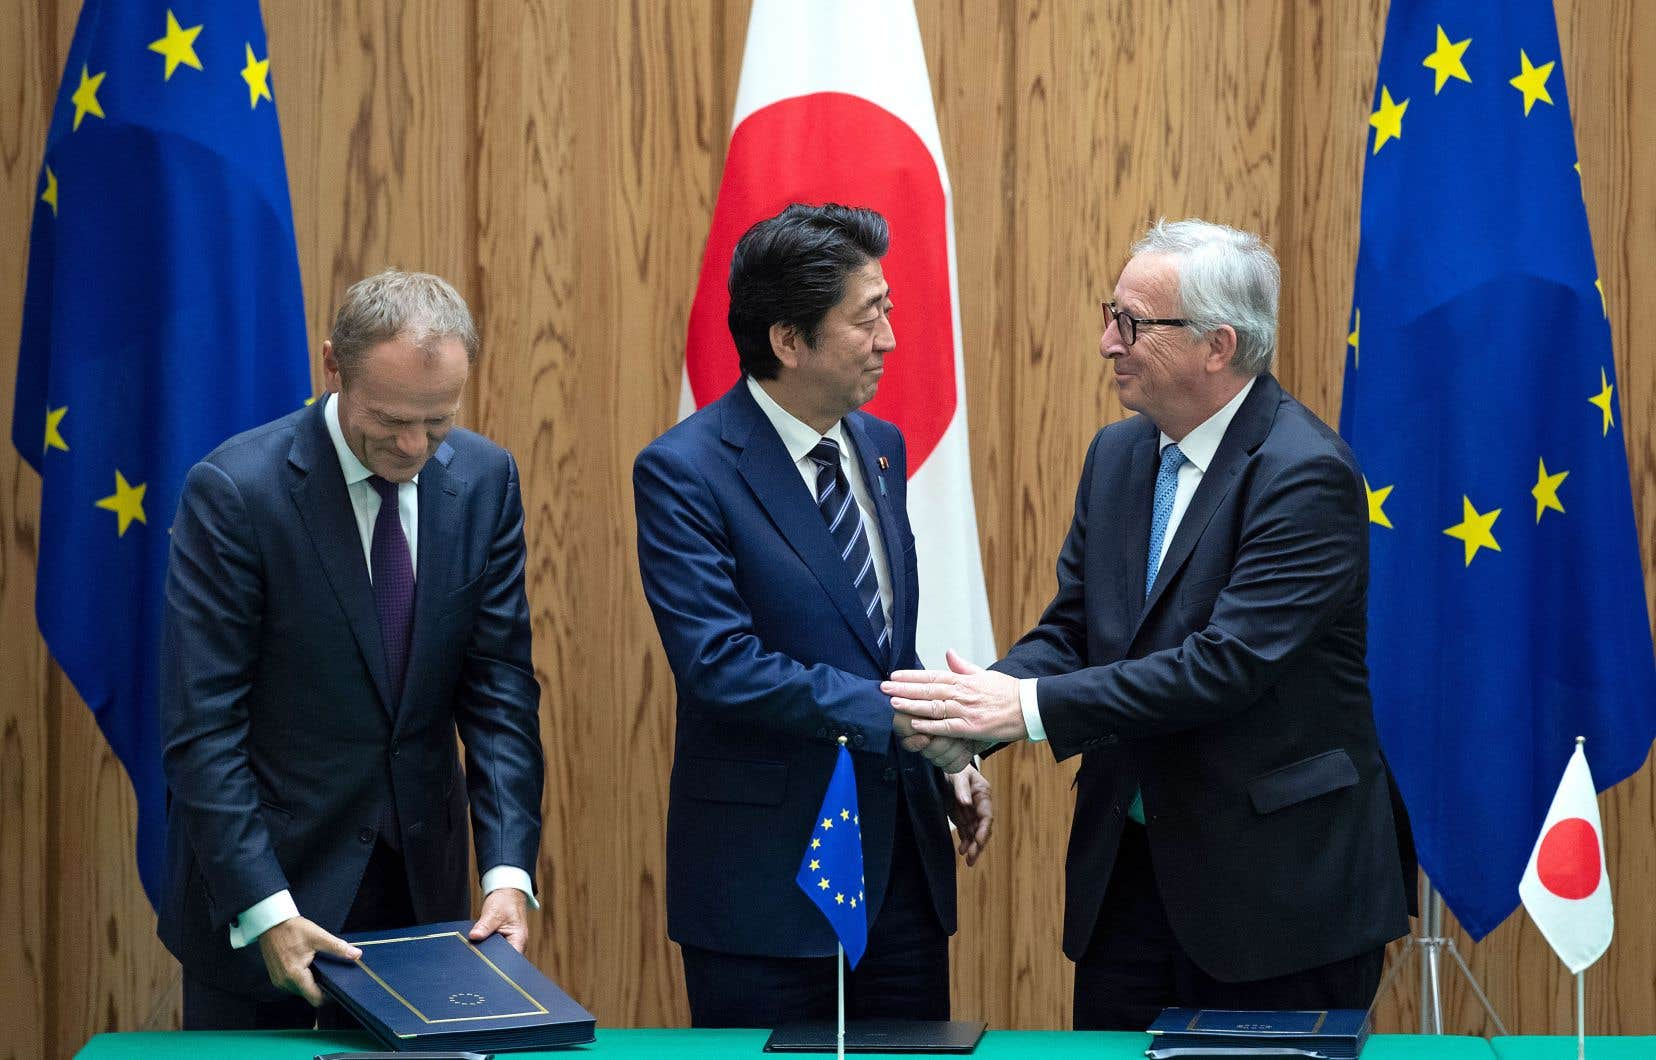 Le premier ministre japonais, Shinzo Abe, serre la main du président de la Commission européenne, Jean-Claude Juncker, en compagnie du président du Conseil européen, Donald Tusk, lors de l'annonce, mardi, de l'accord de libre-échange entre l'Europe et le Japon.